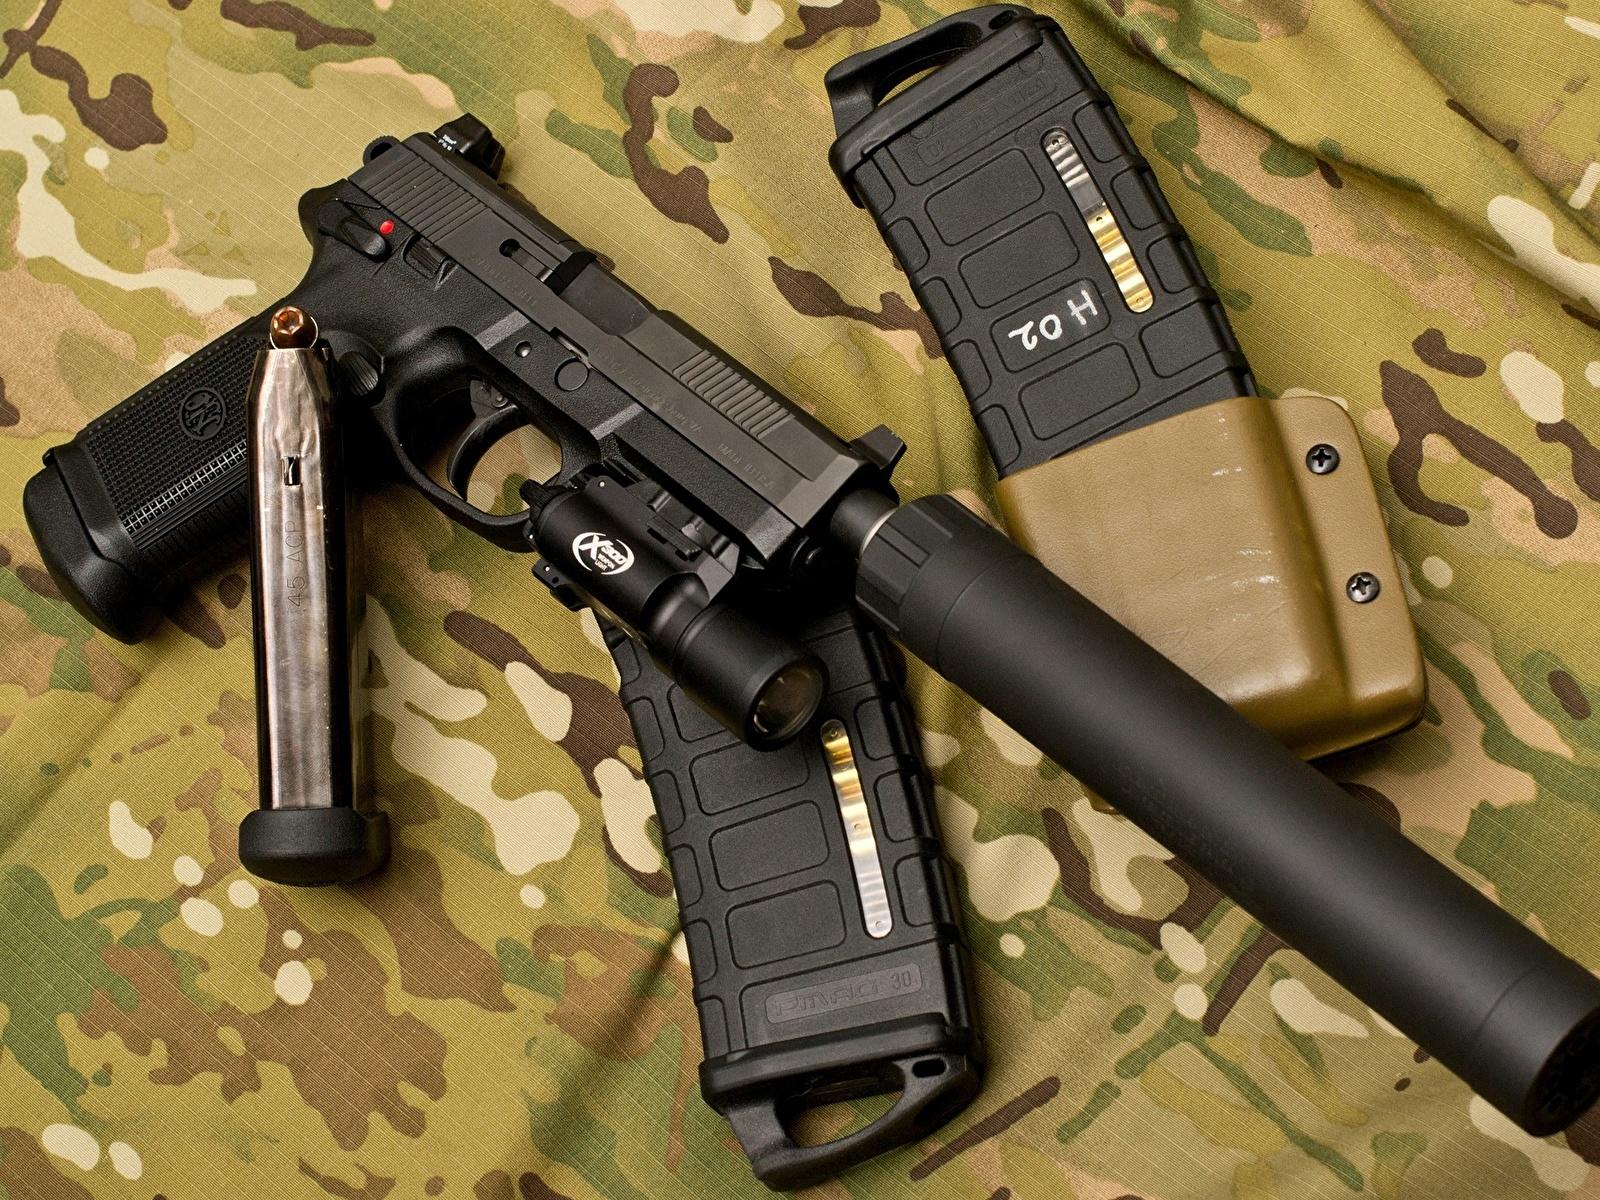 устройство глушителя для огнестрельного оружия